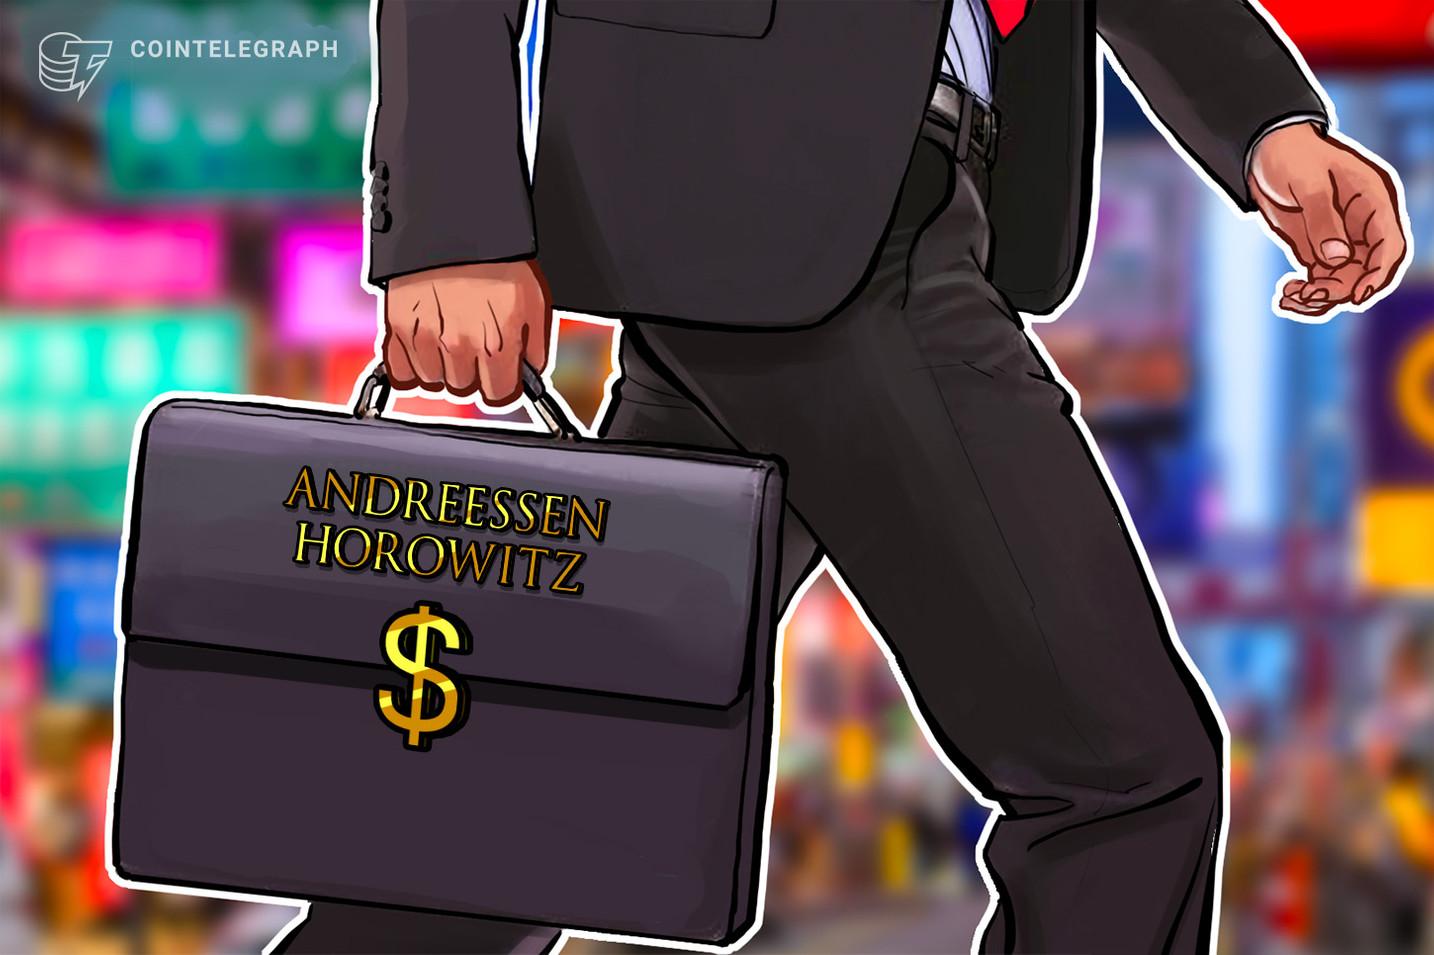 Andreessen Horowitz lidera la ronda de financiación de USD 25 millones para una startup de criptopréstamos